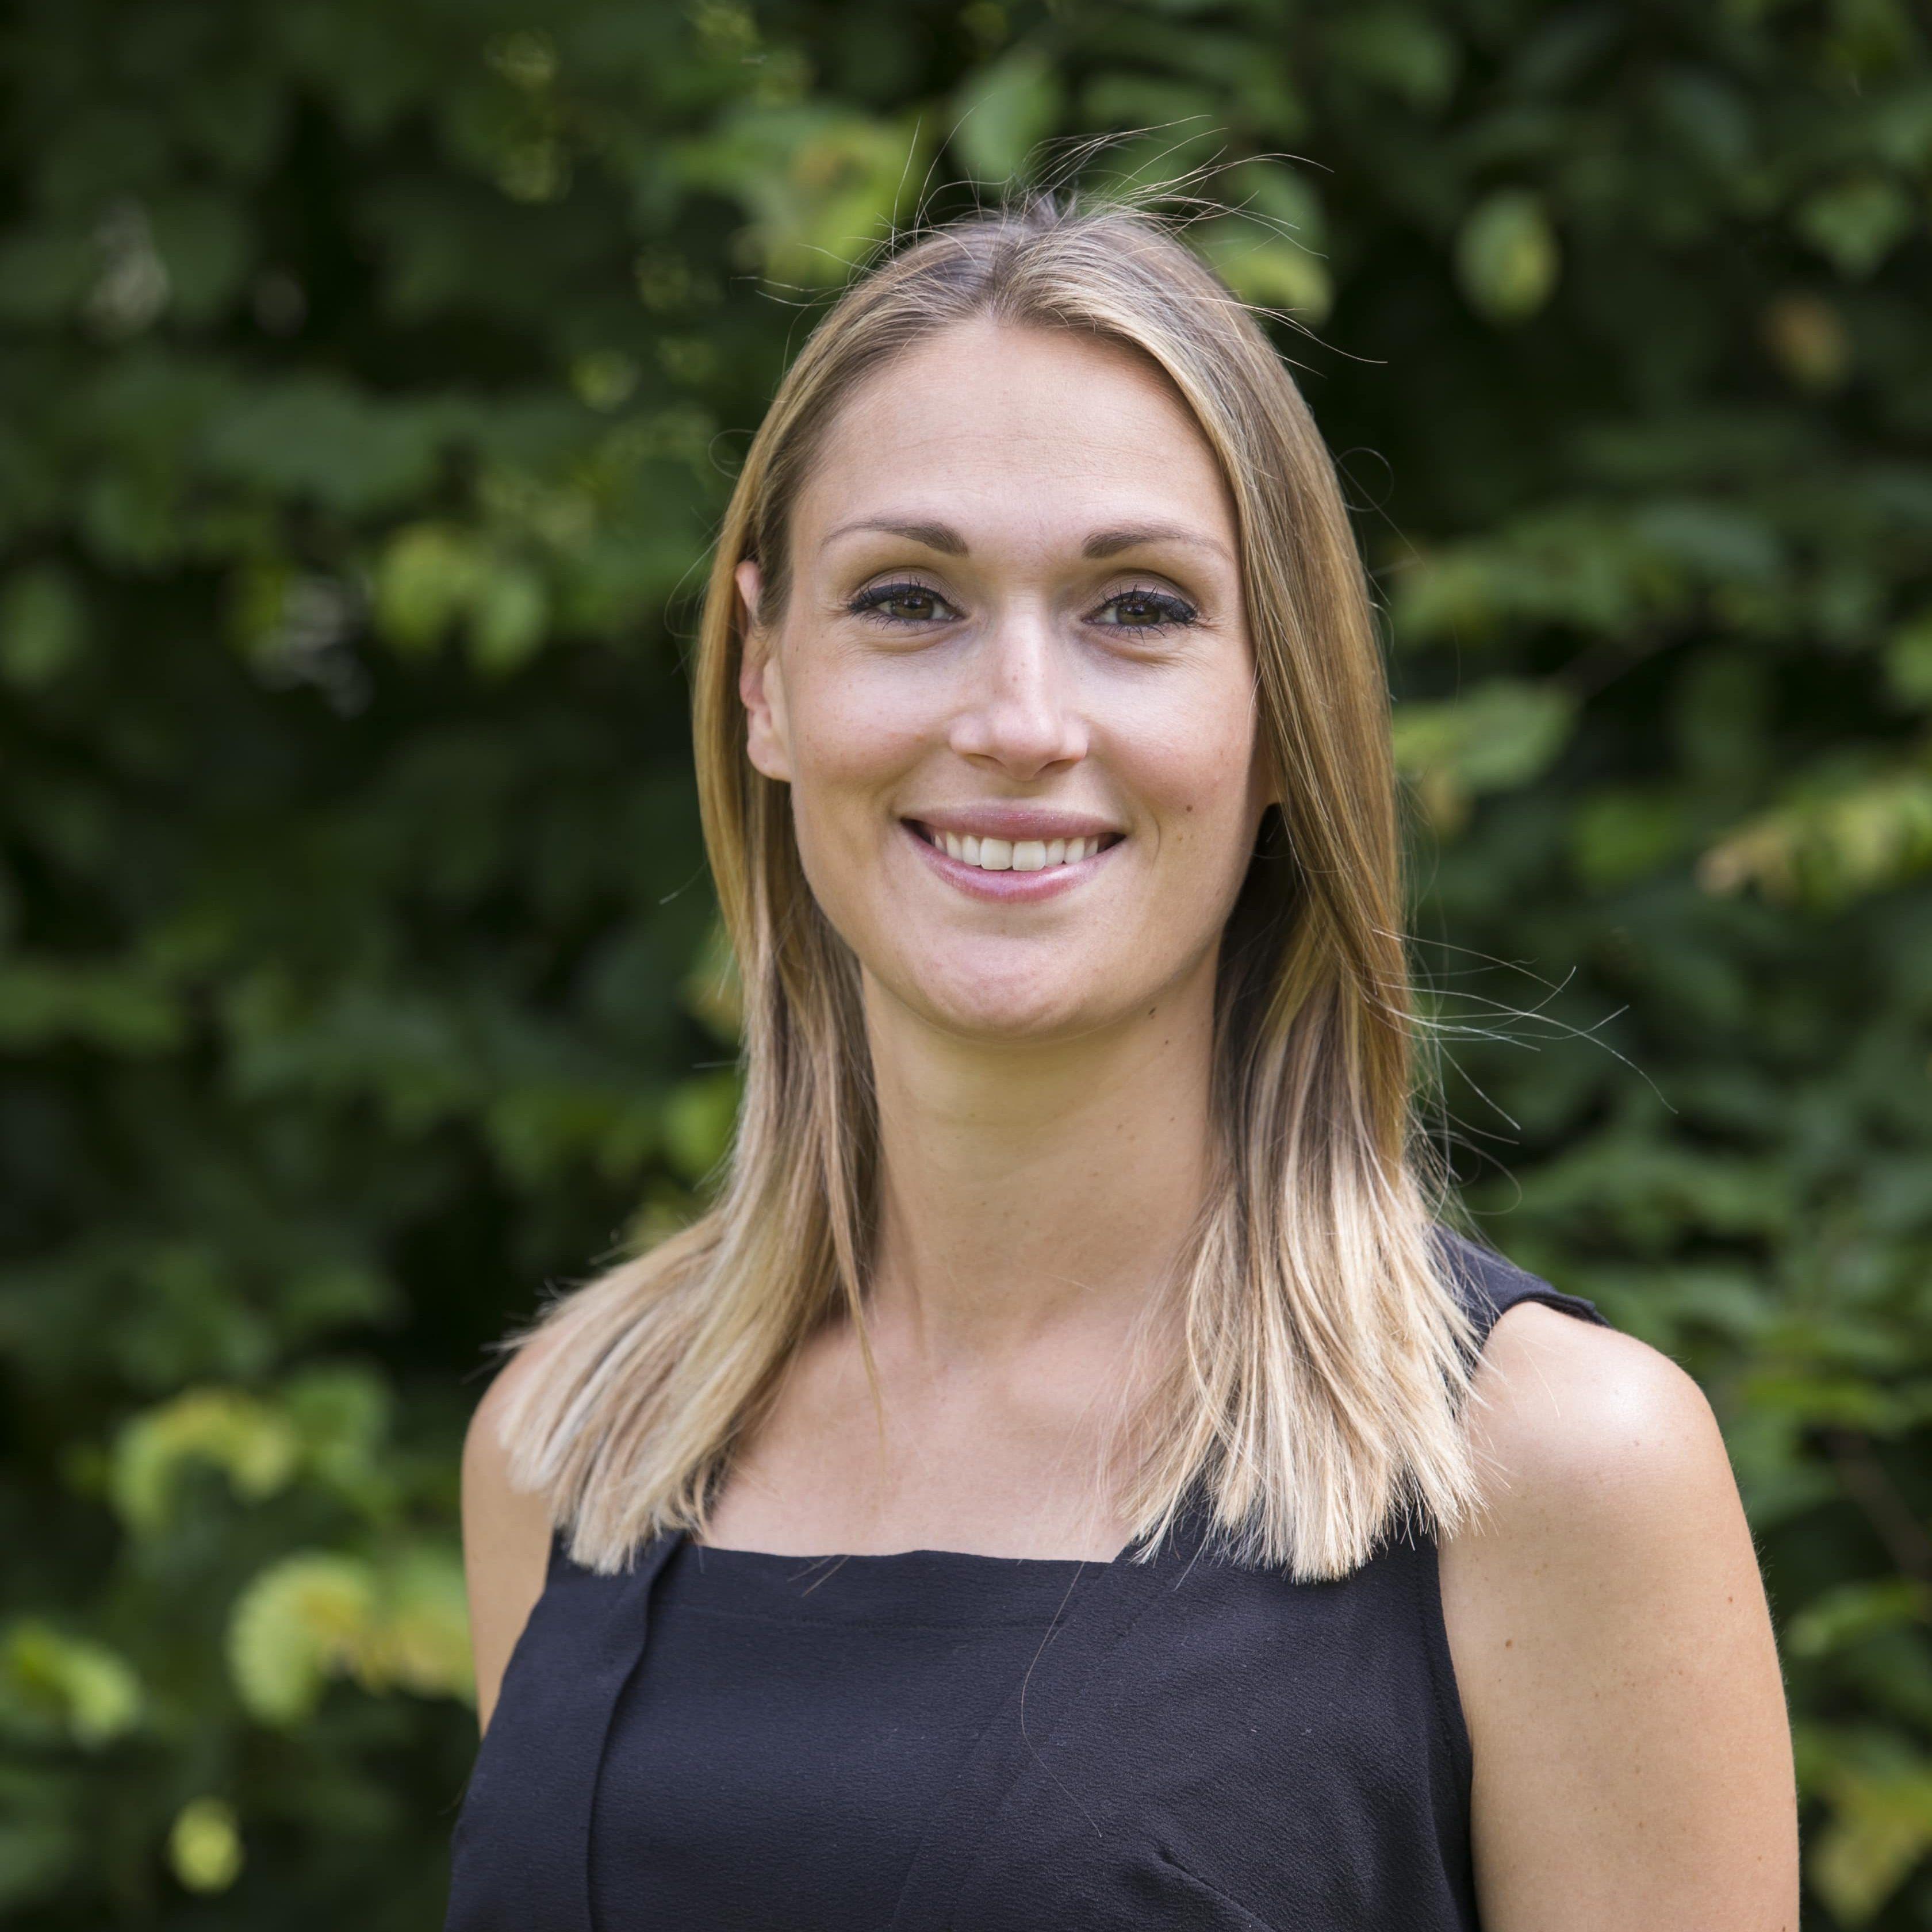 Claire Marchitelli